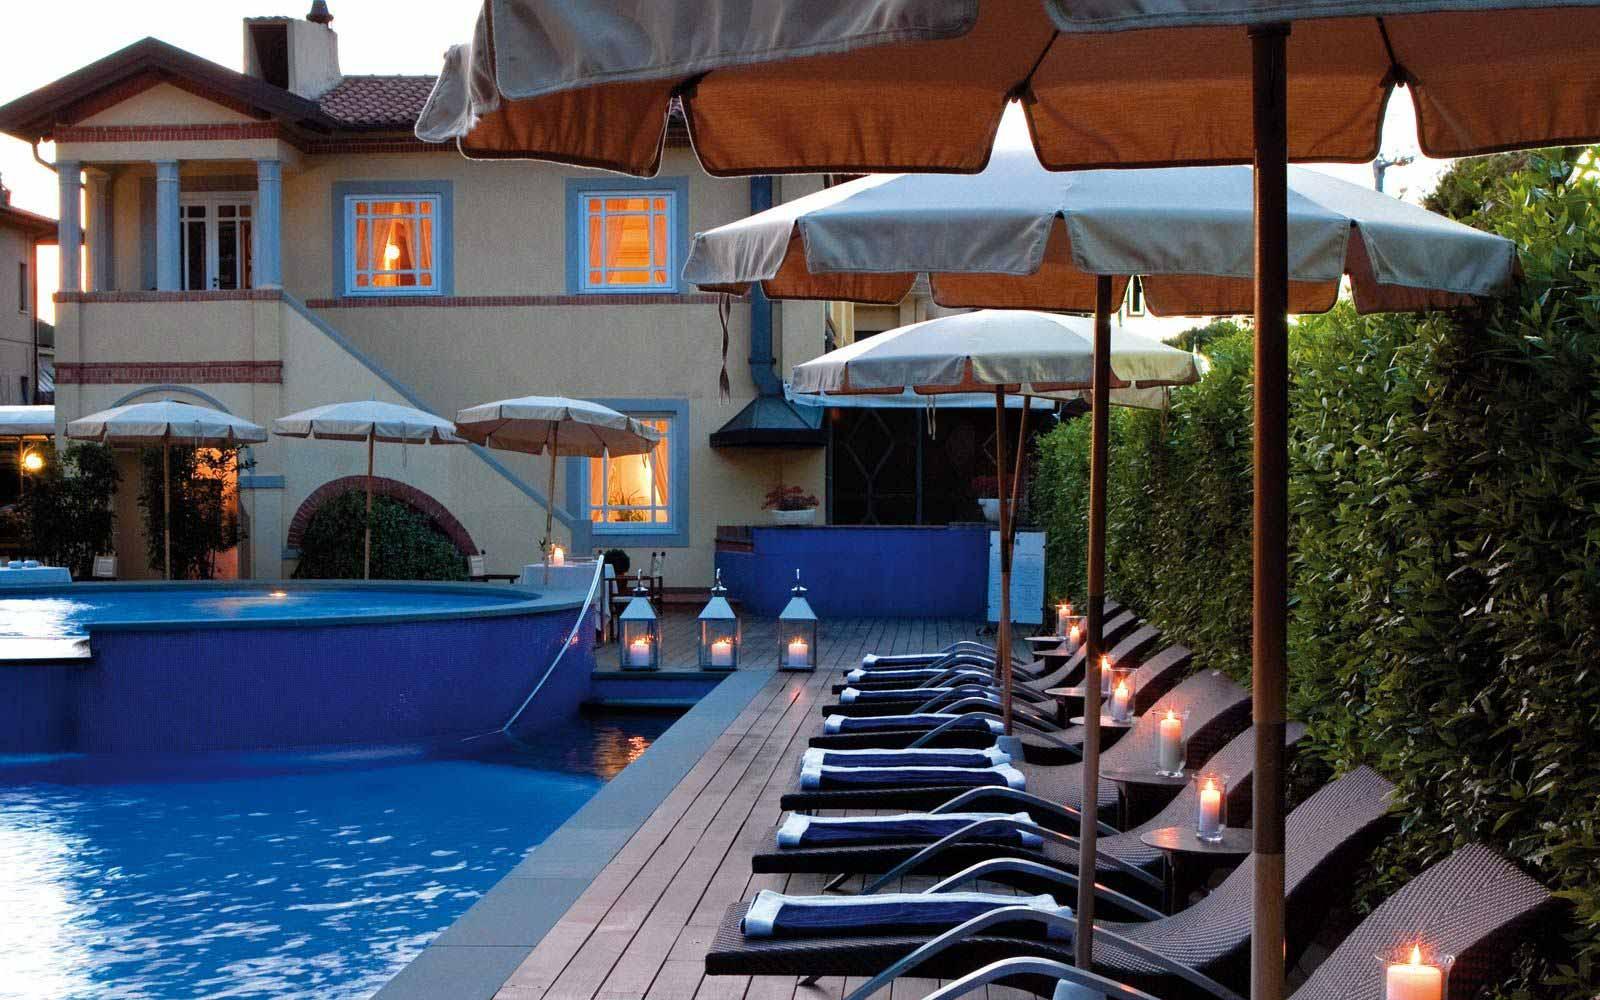 Hotel byron forte dei marmi tuscany italy hotel byron for Bagno san francesco forte dei marmi